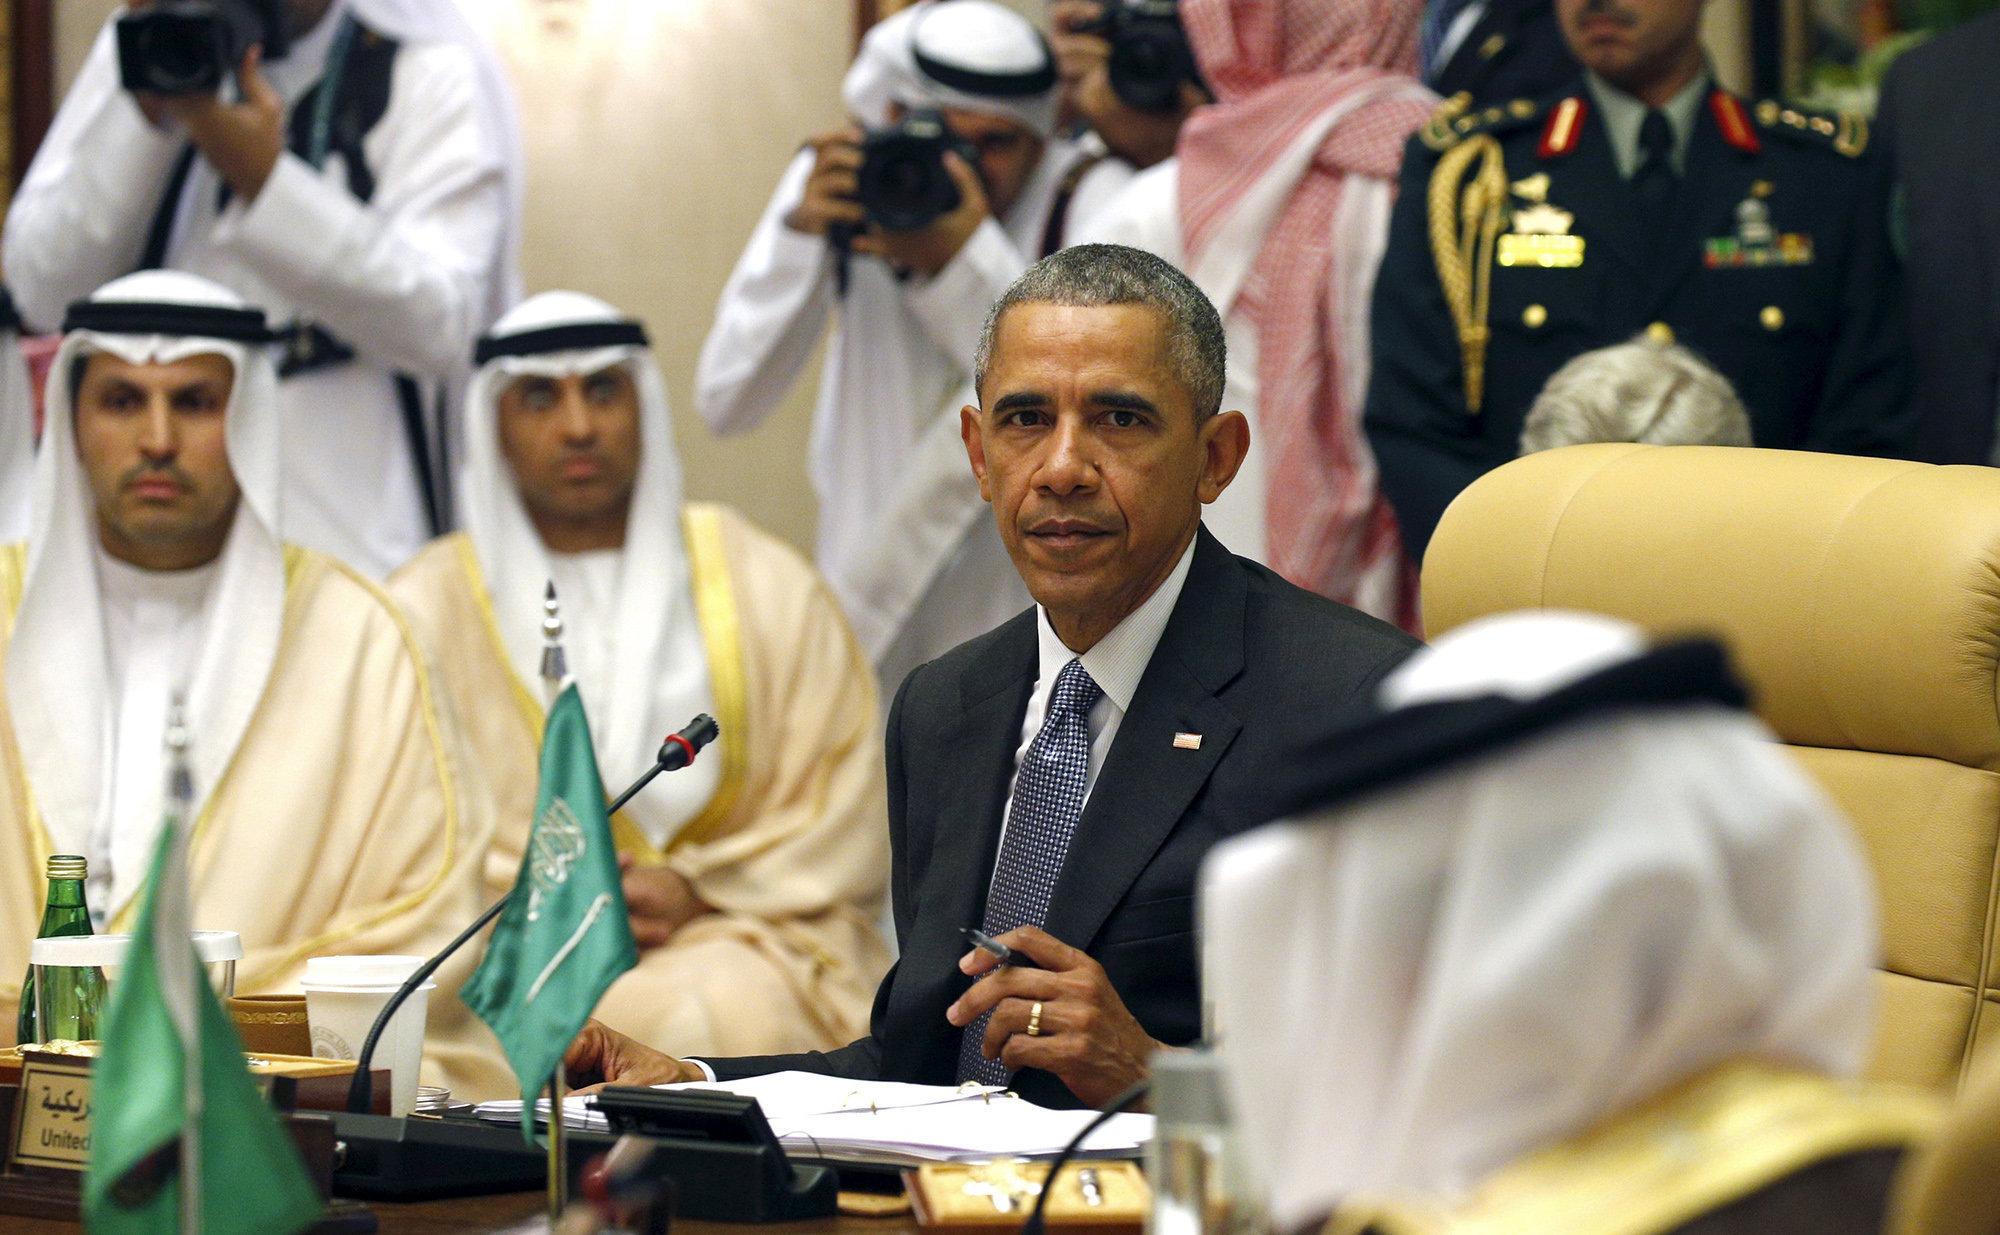 Обама в Саудовской Аравии: договор с Ираном под вопросом?